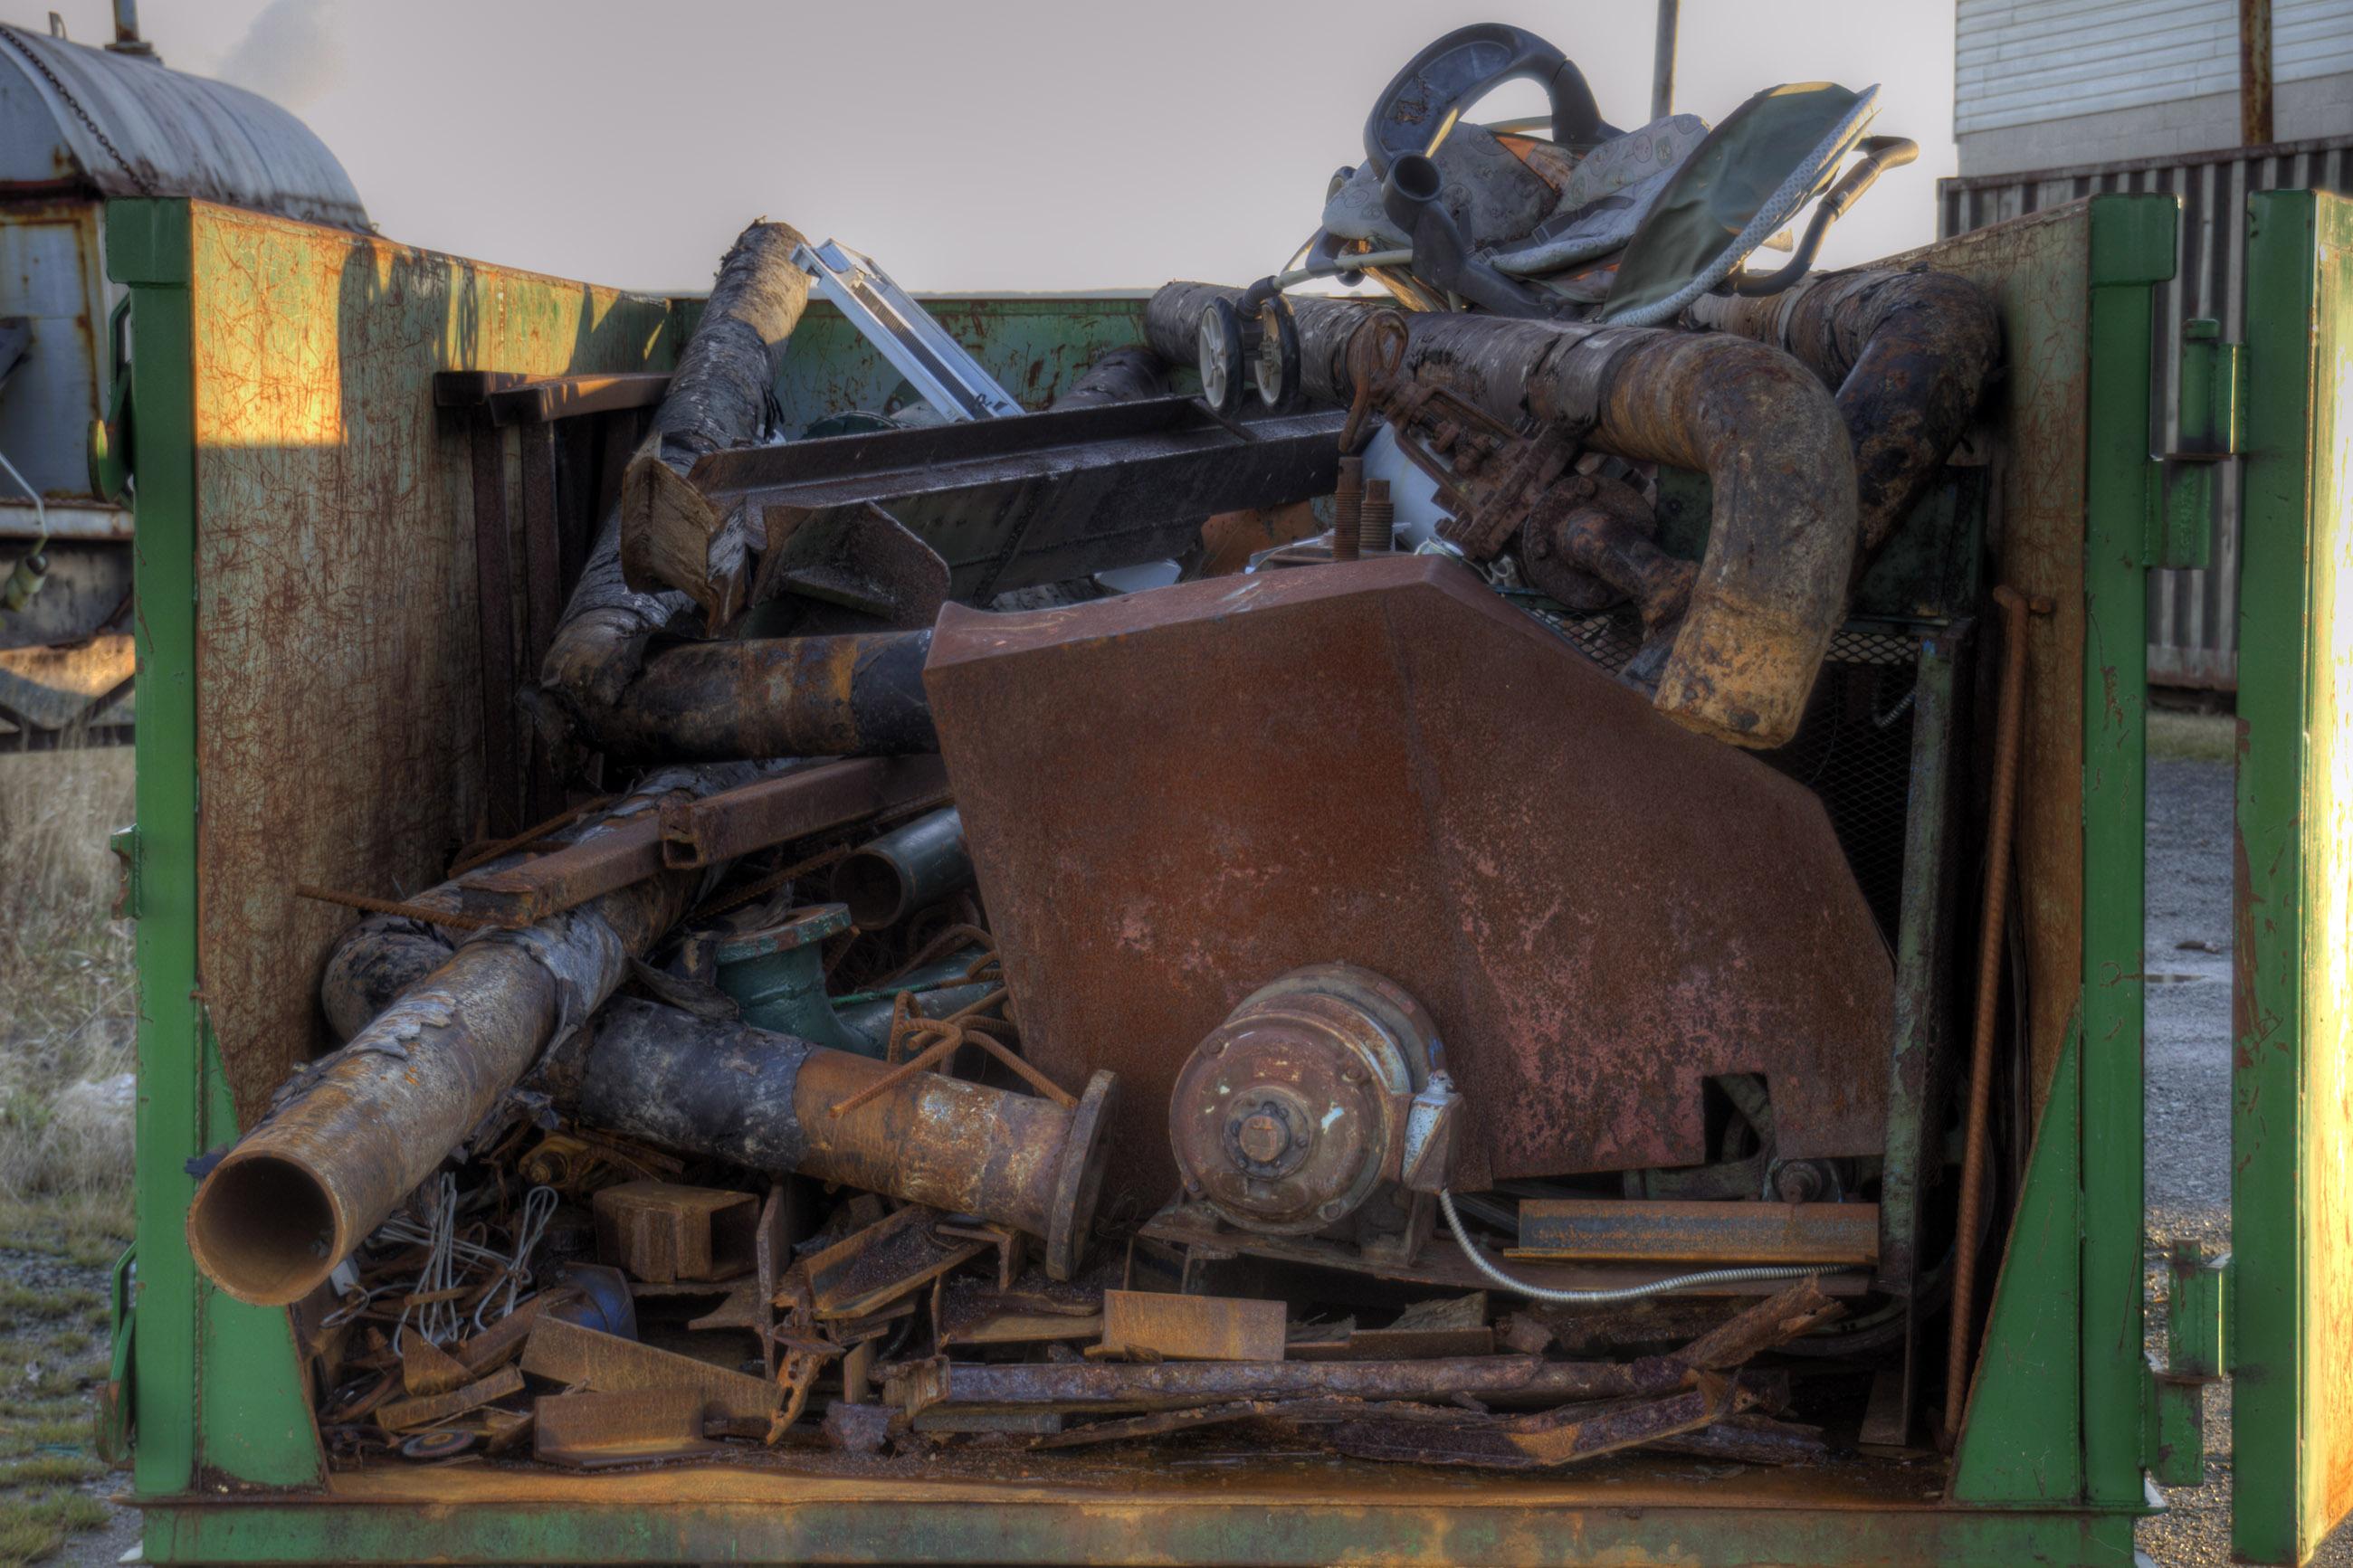 Scrap metal photo